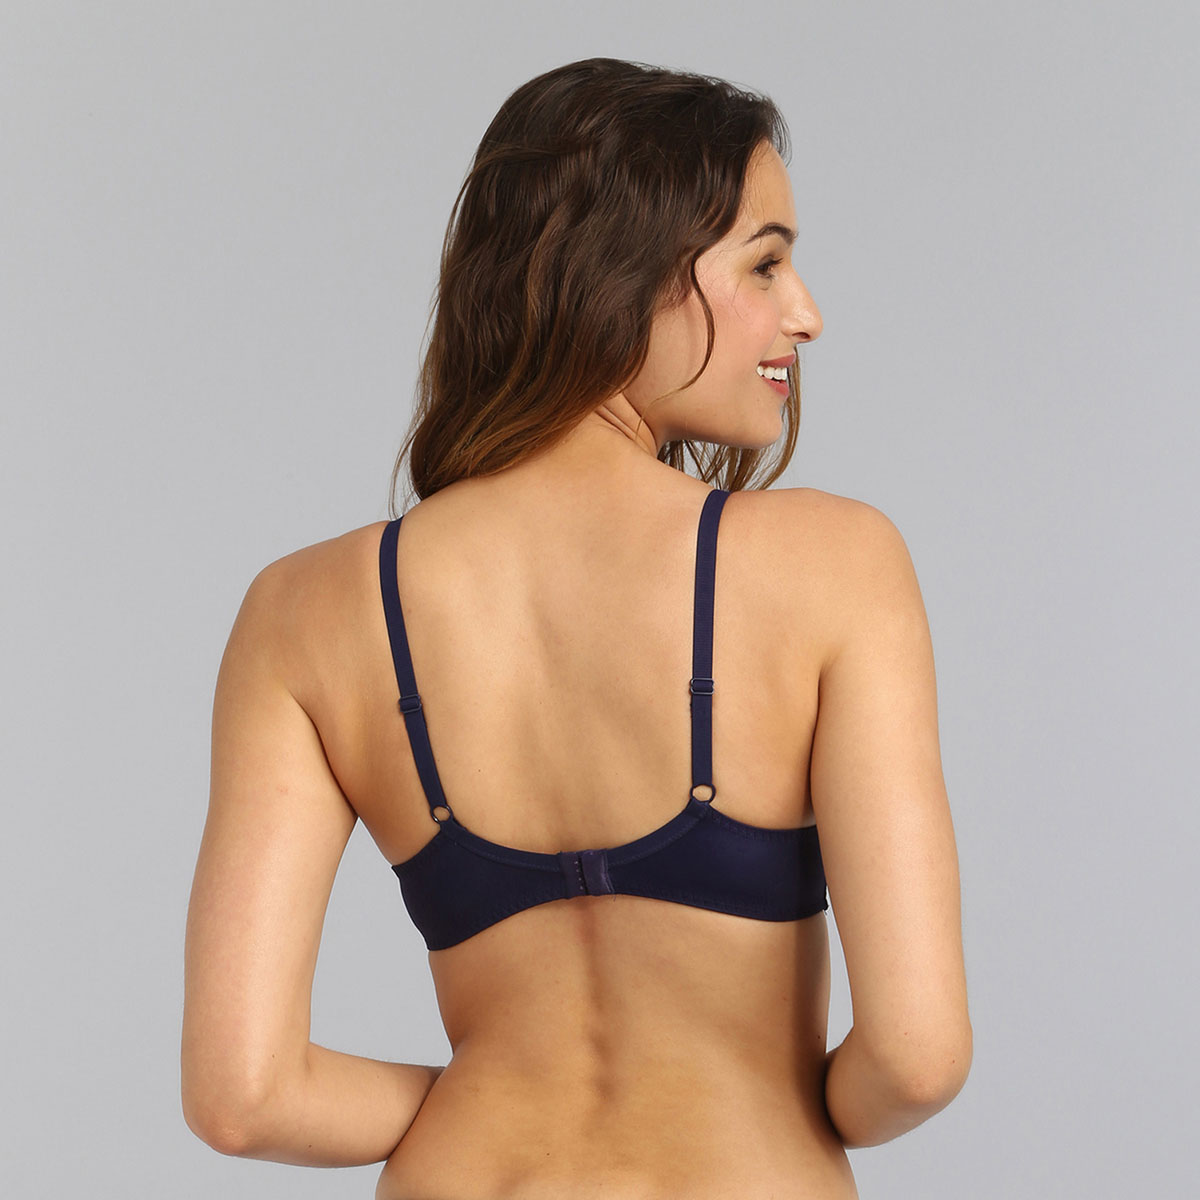 Sujetador con aros azul marino Essential Elegance Embroidery, , PLAYTEX